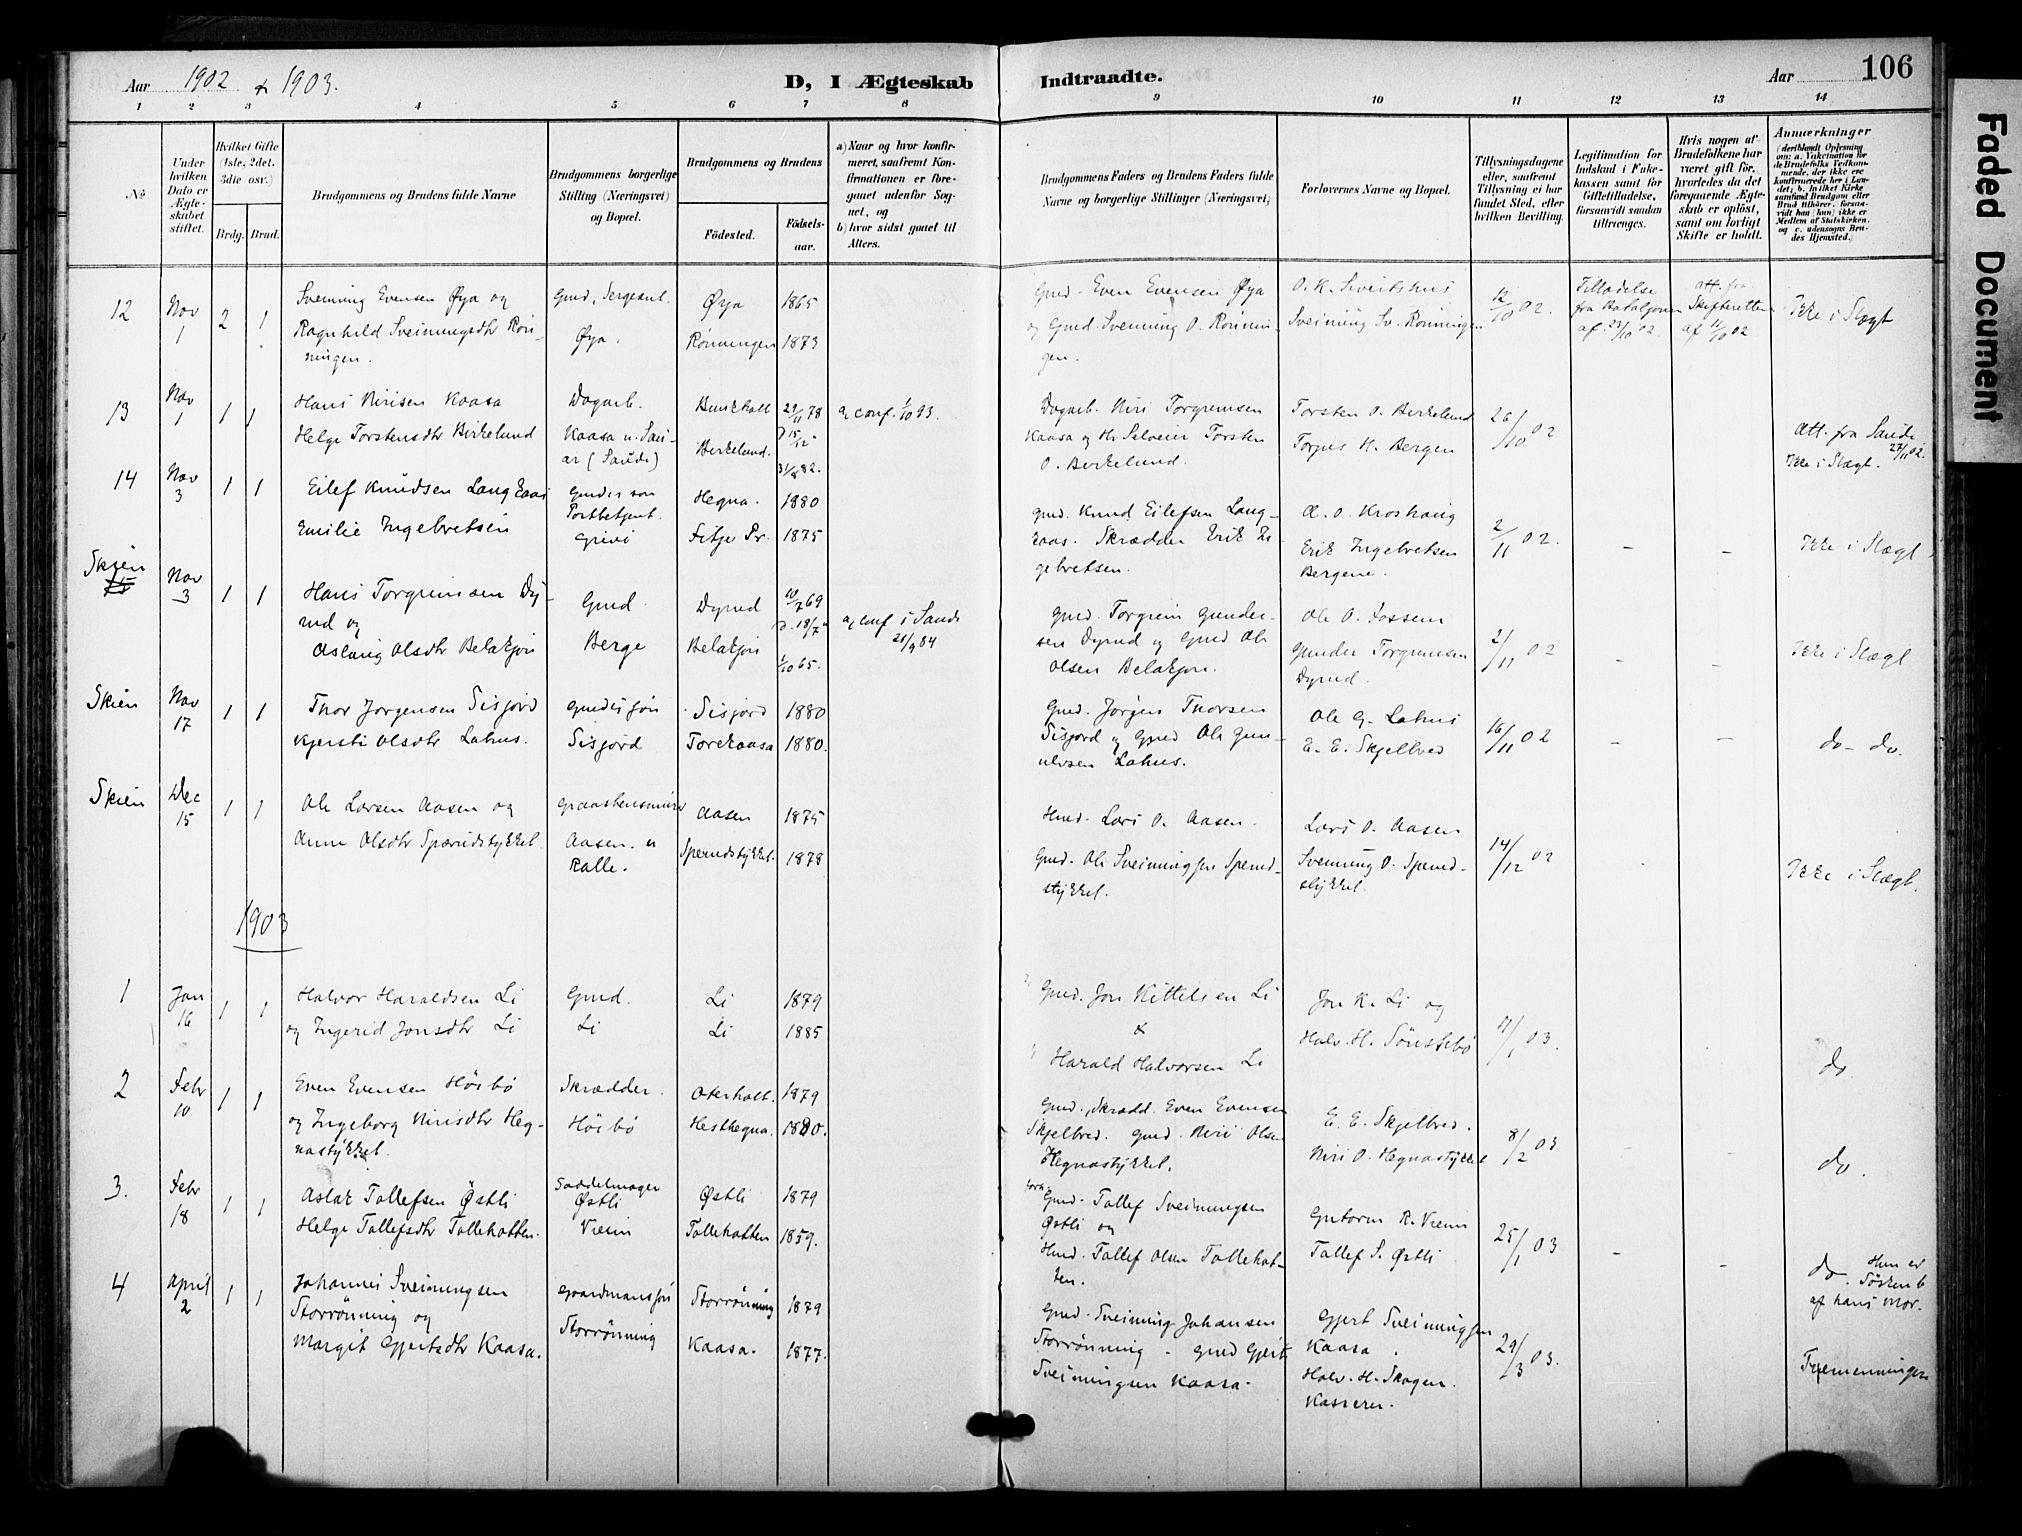 SAKO, Bø kirkebøker, F/Fa/L0012: Ministerialbok nr. 12, 1900-1908, s. 106